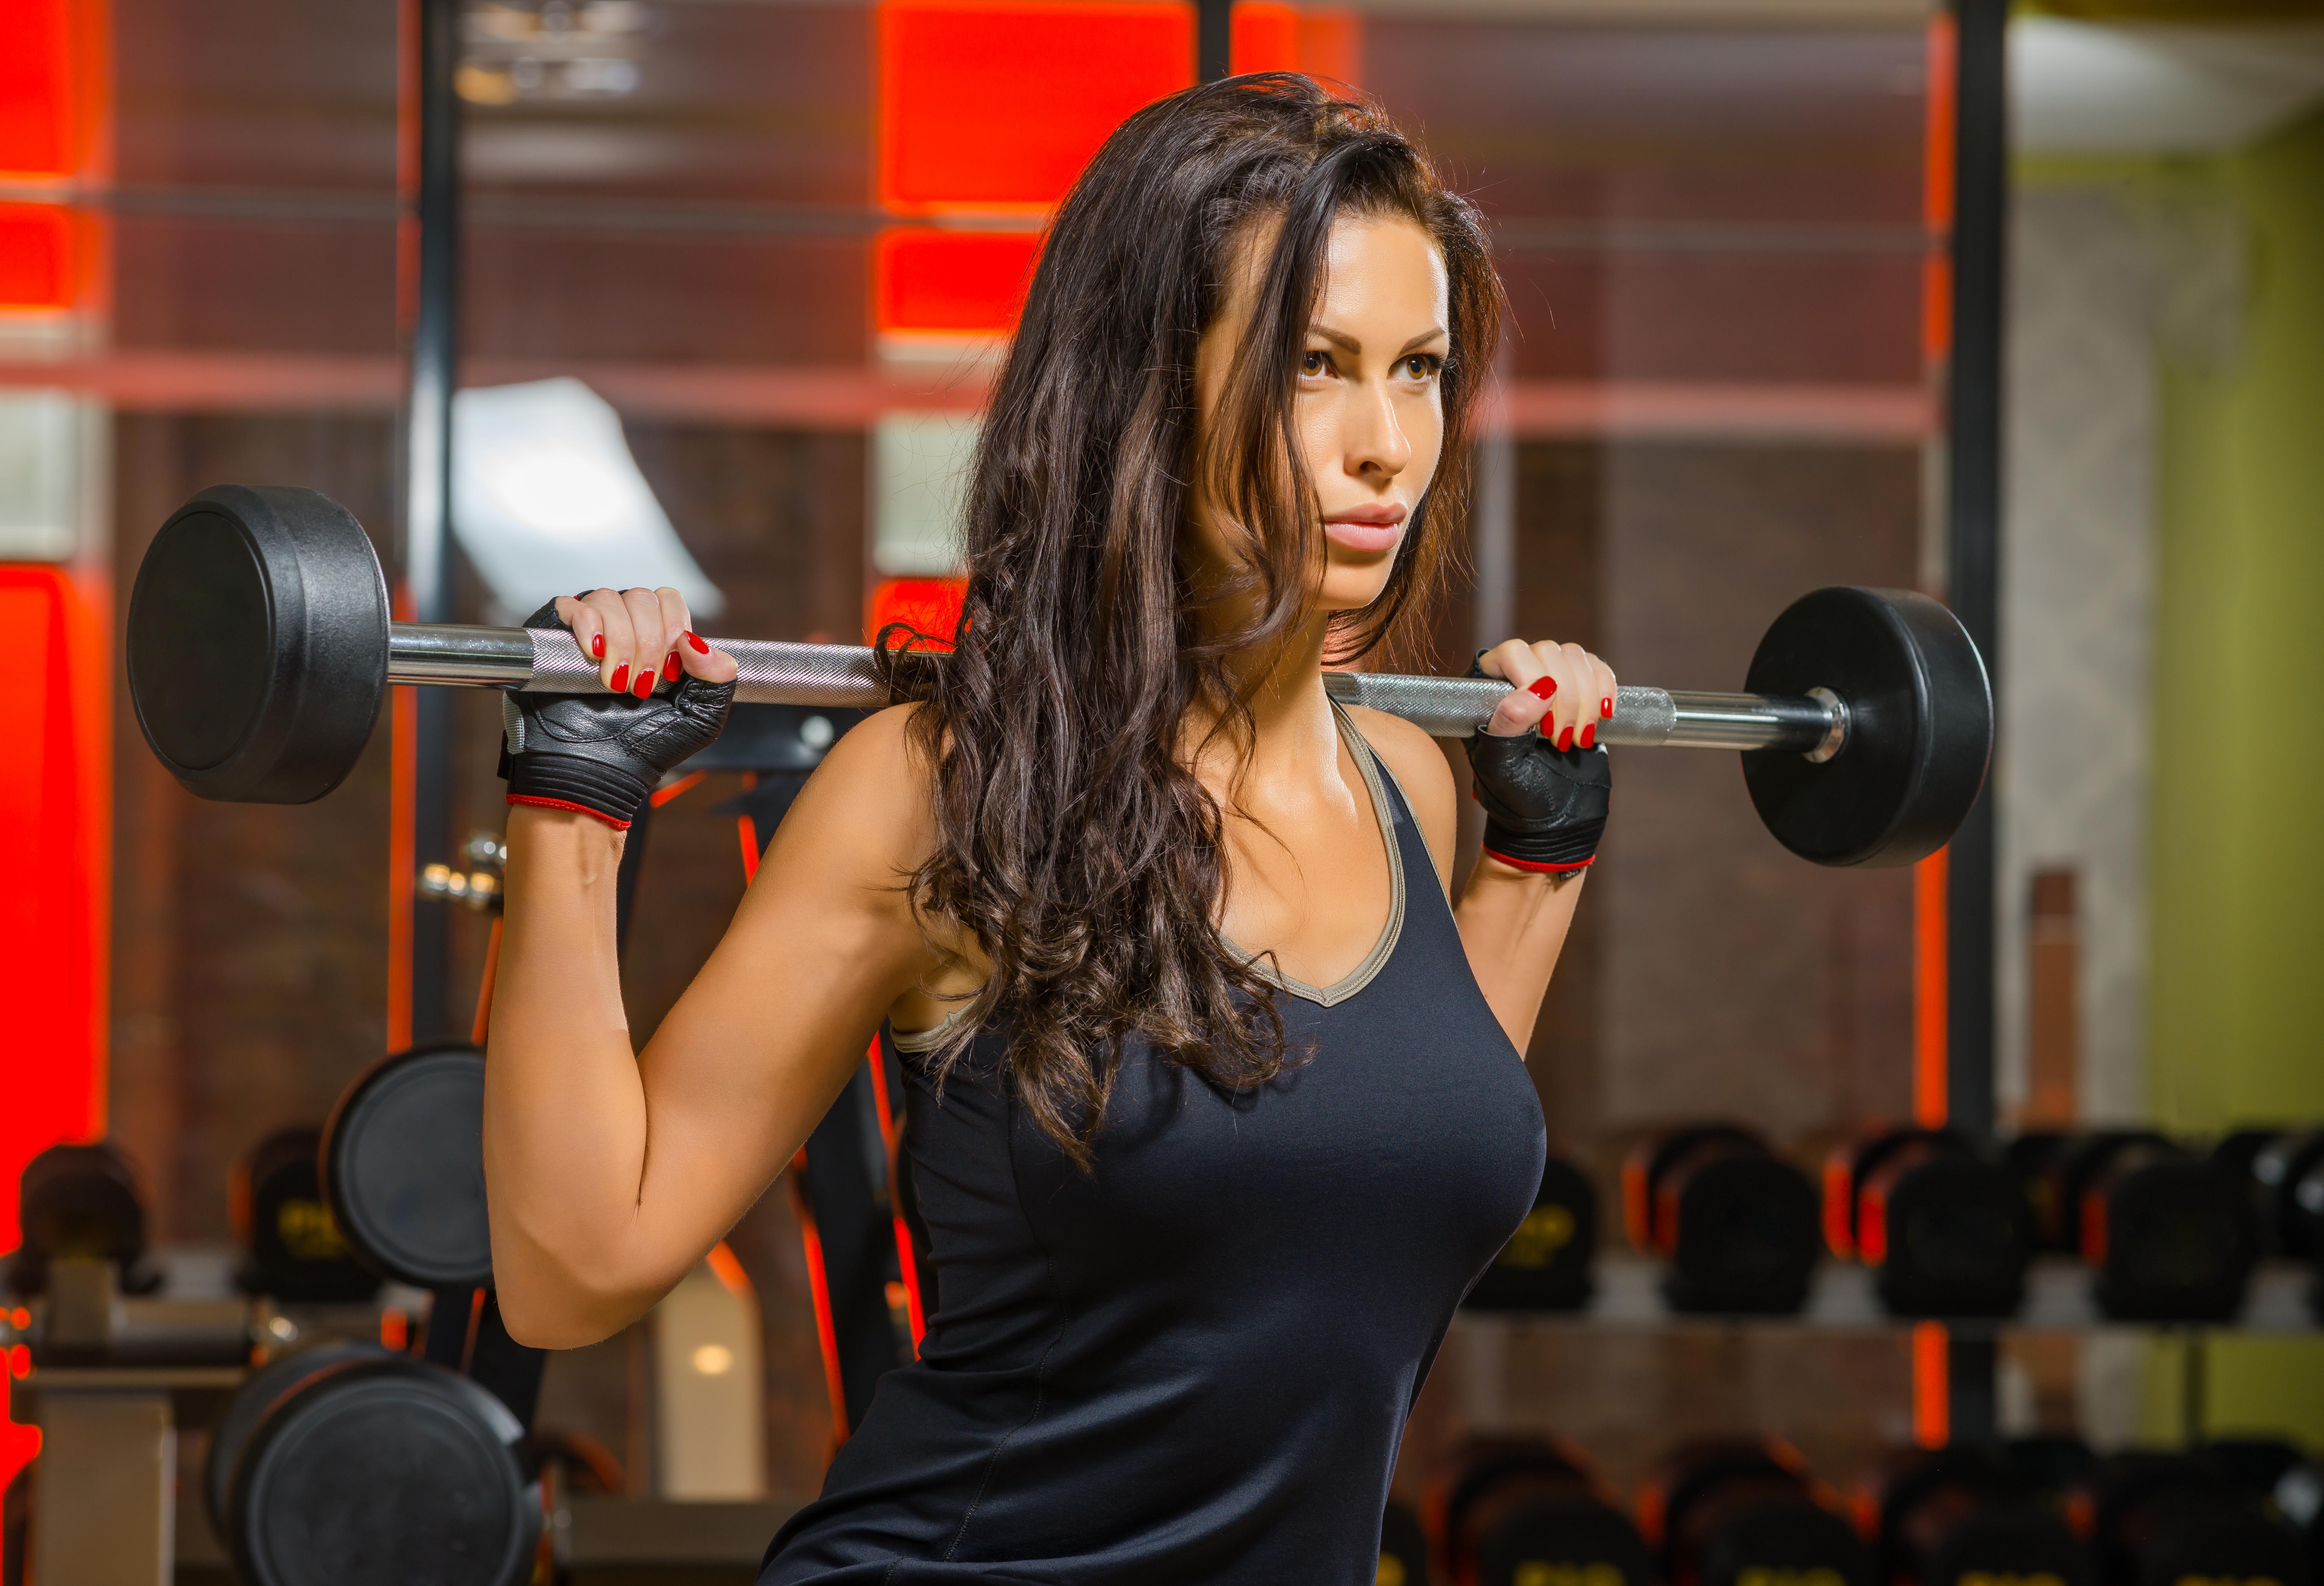 Фото девушек в фитнес зале, Спортивные девушки (37 фото) 20 фотография